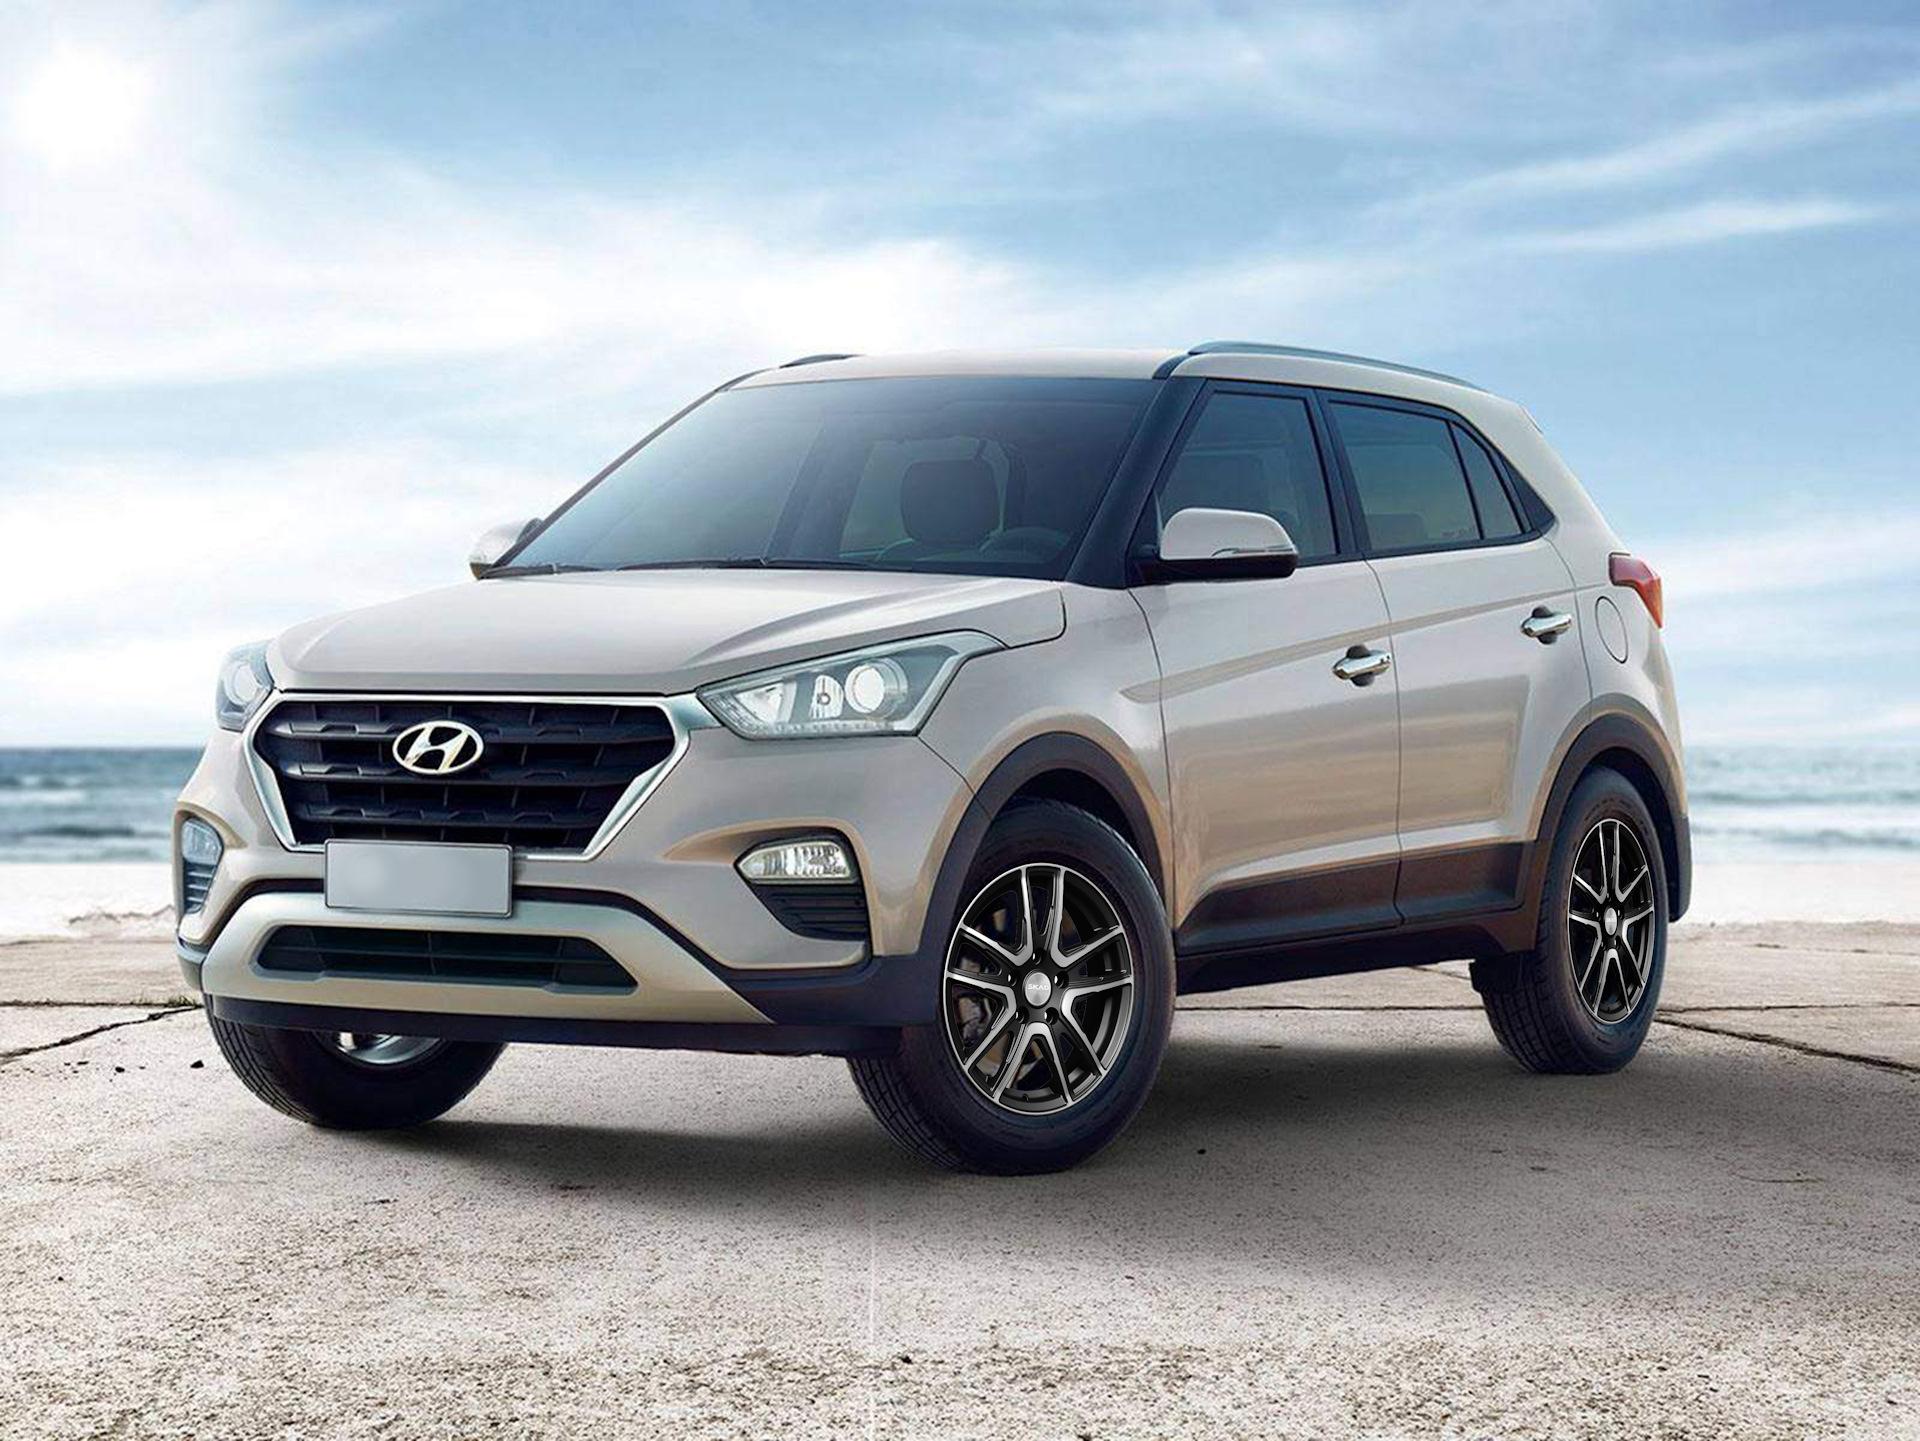 Известны подробности о новой Hyundai Creta для РФ